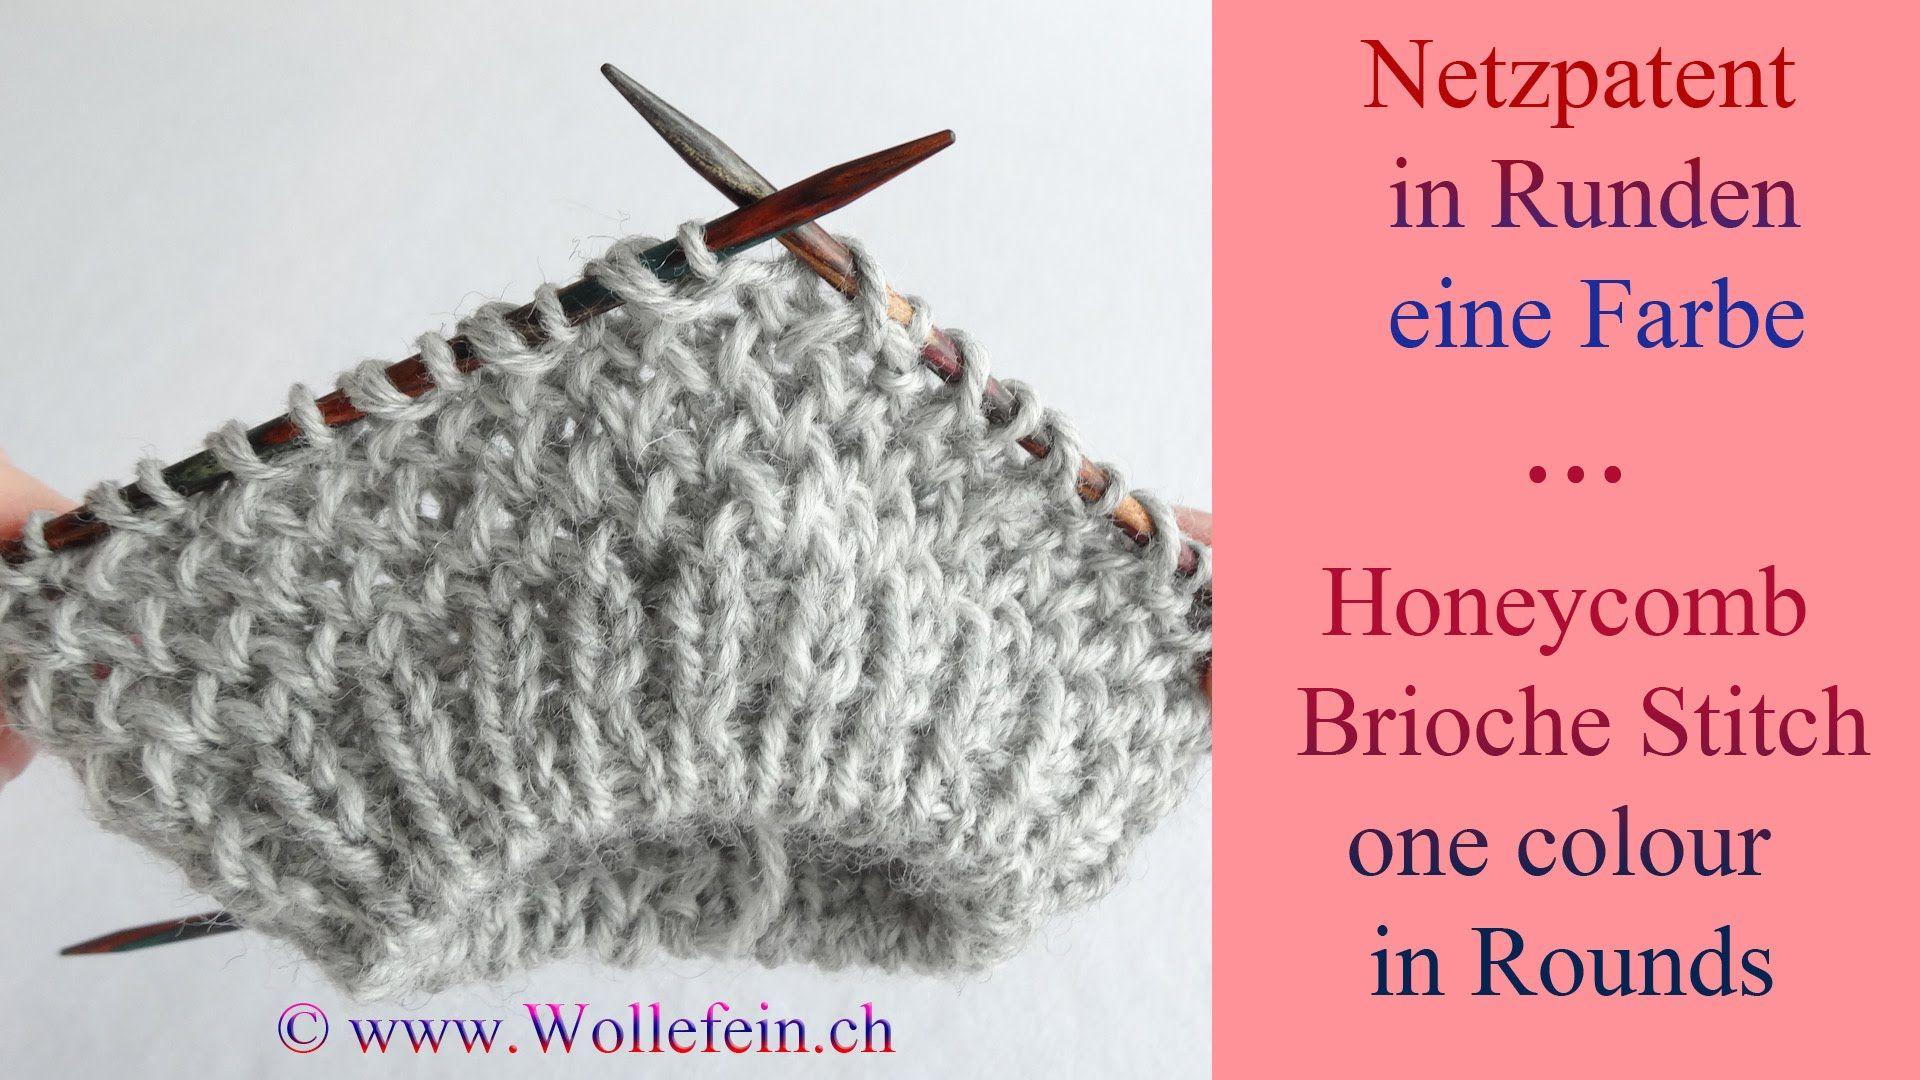 Netzpatent in Runden eine Farbe - Honeycomb Brioche Stitch in Rounds ...